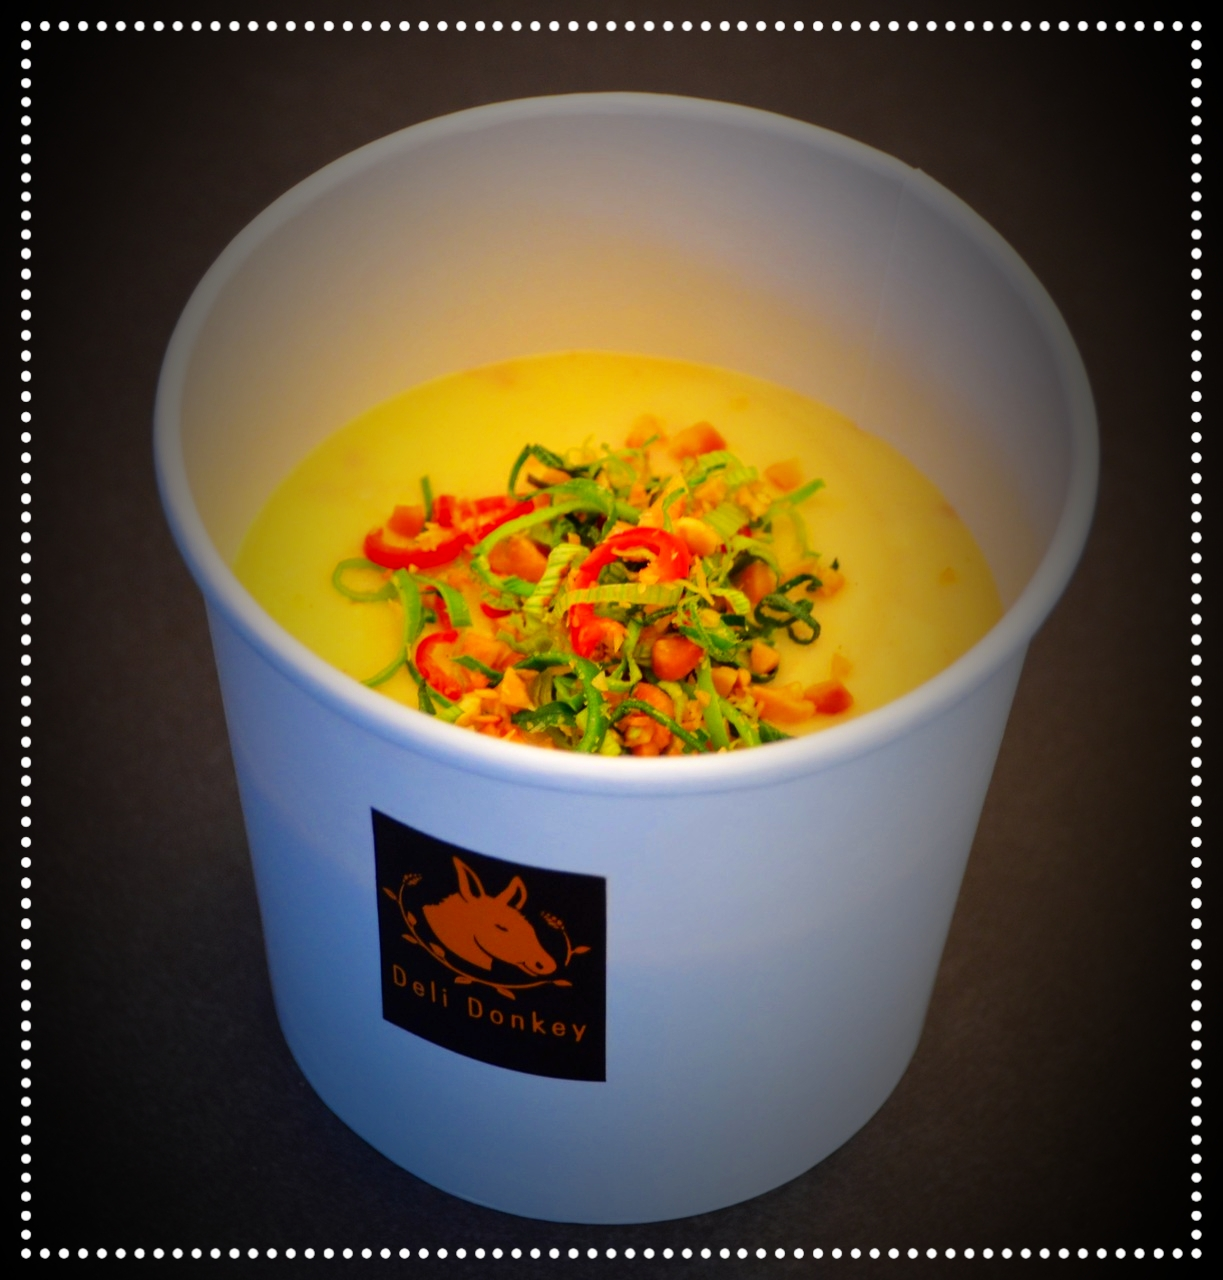 Hot George - Kartoffel-Erdnuss Suppe mit Chili